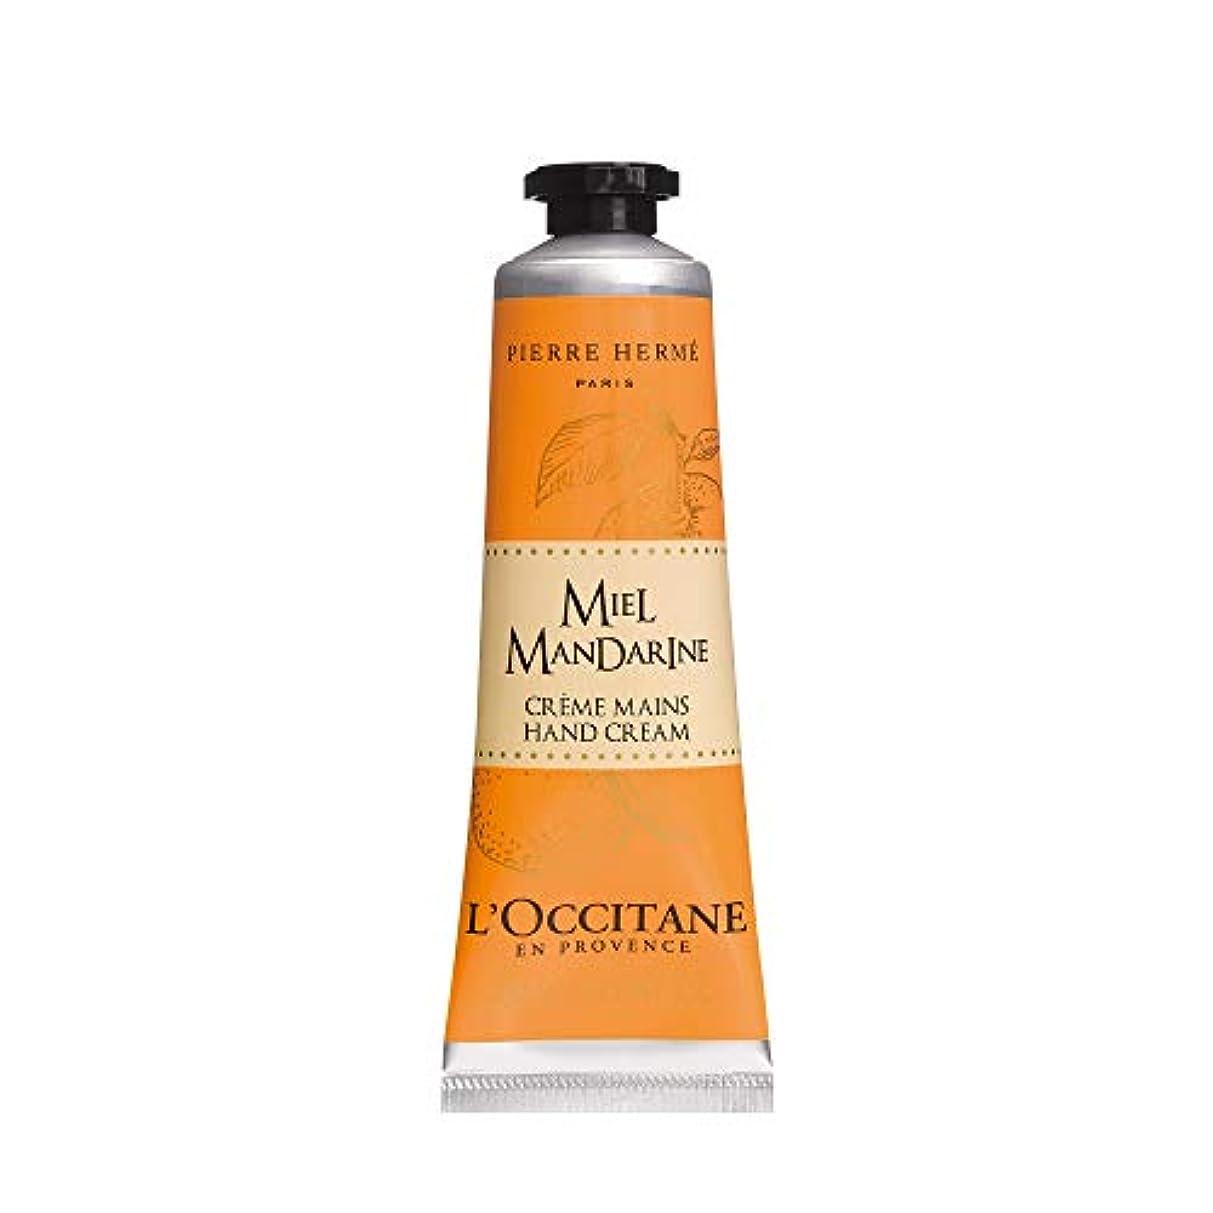 損傷動脈ビーズロクシタン(L'OCCITANE) ミエルマンダリン ハンドクリーム 30ml ハートウオーミングオレンジハニー